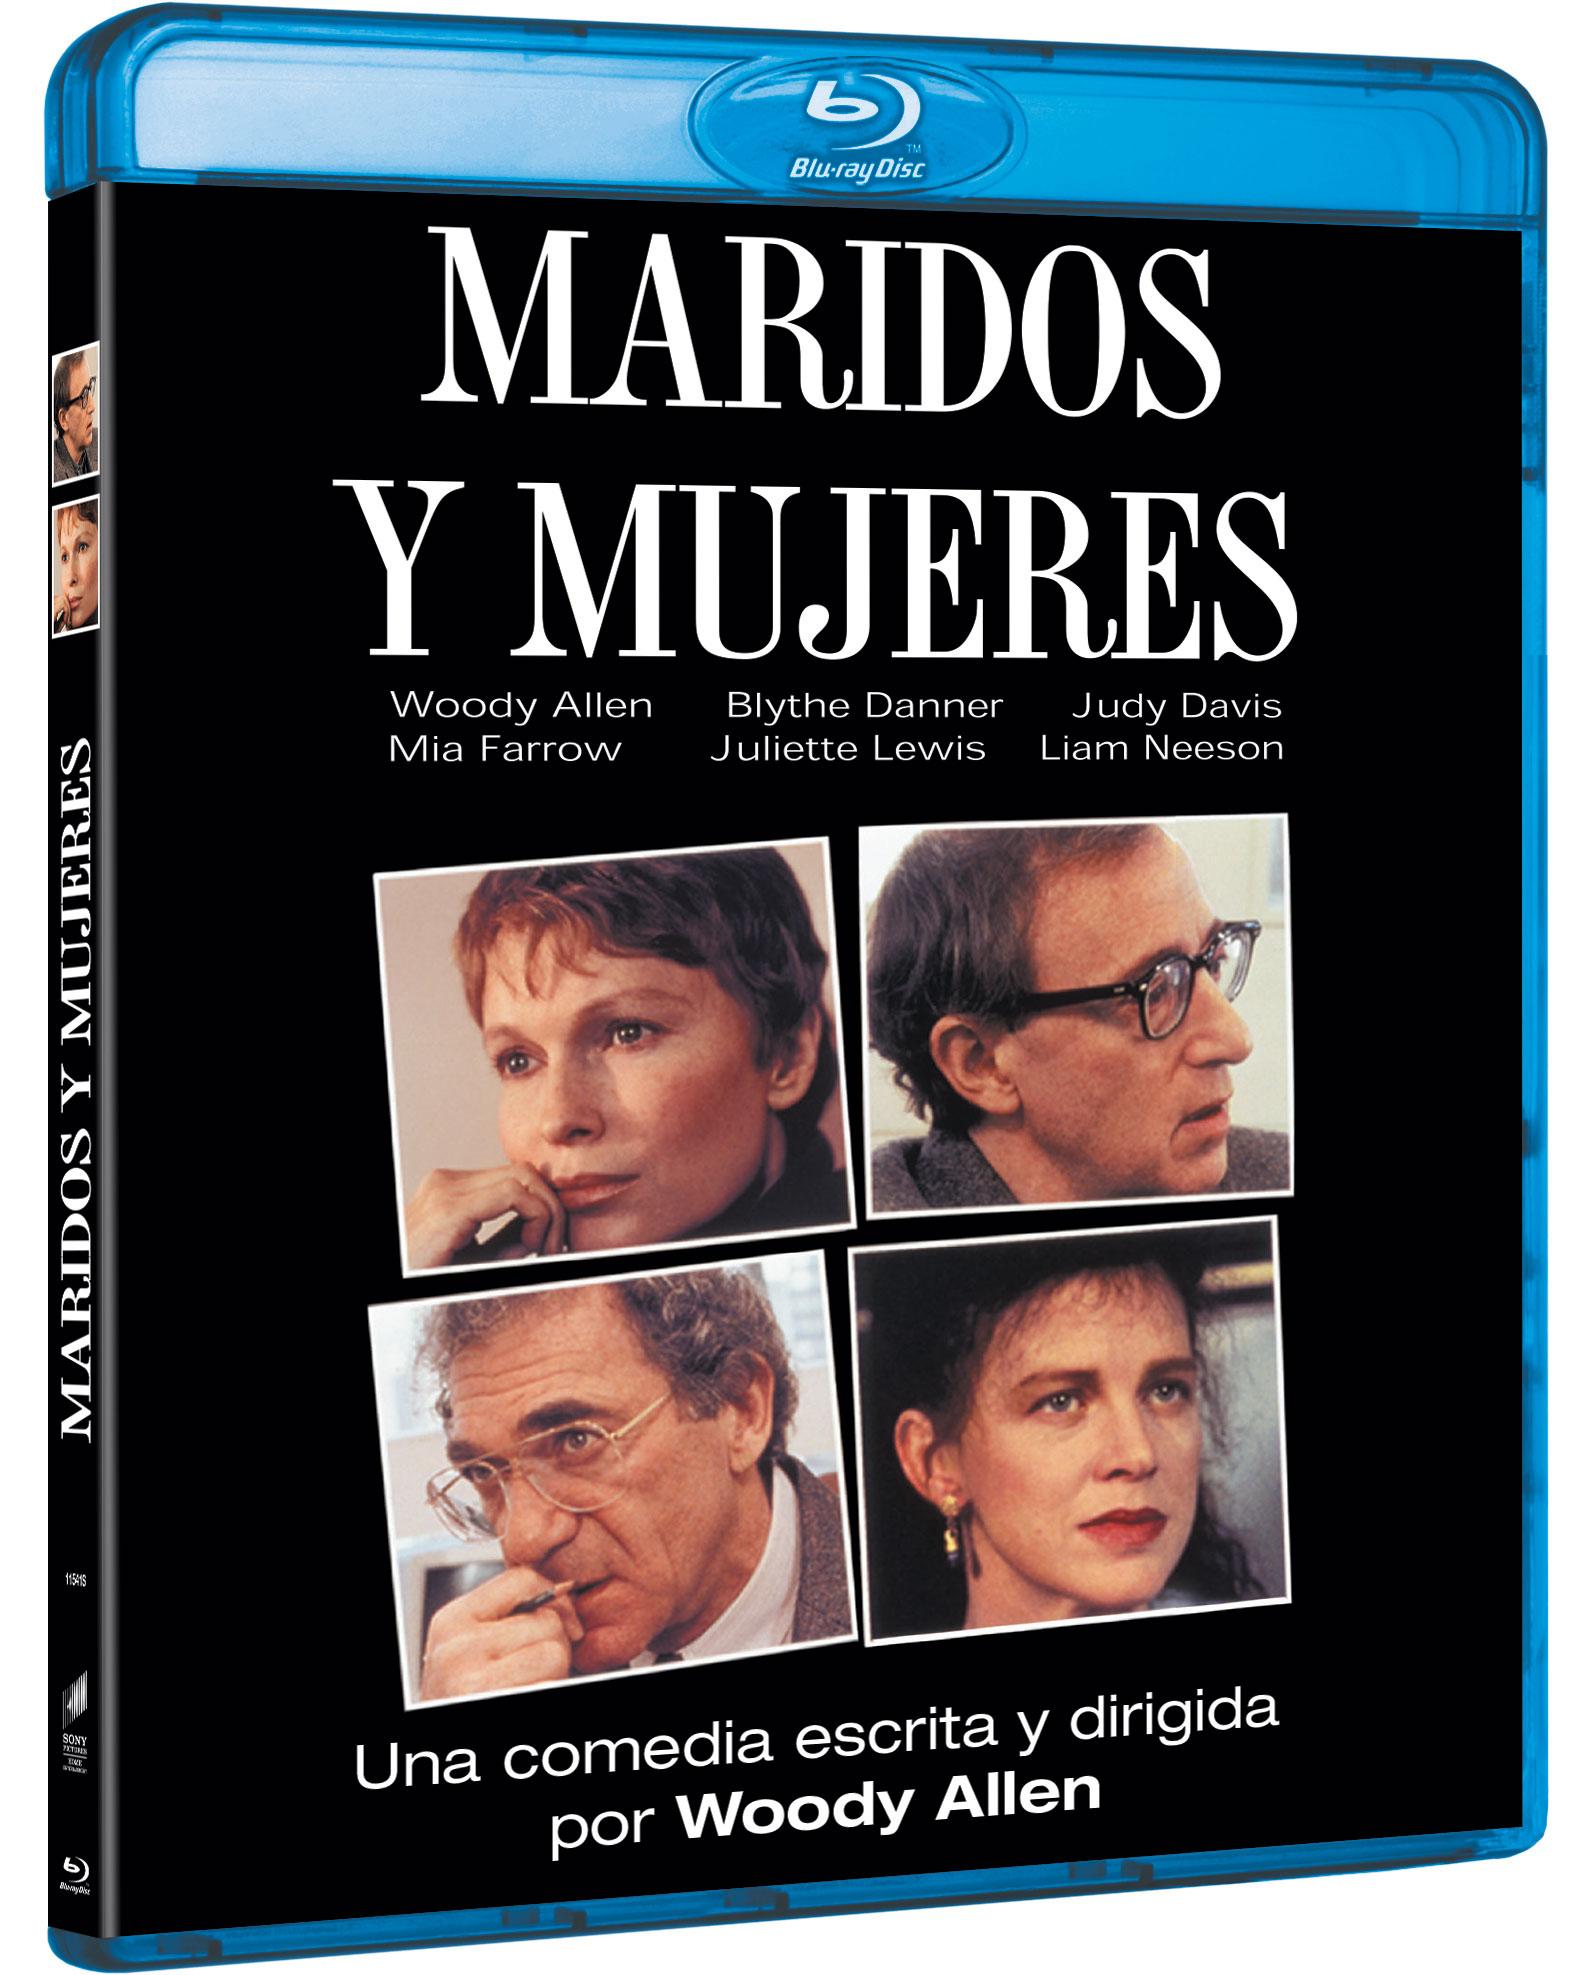 'Maridos y mujeres' en Blu-ray